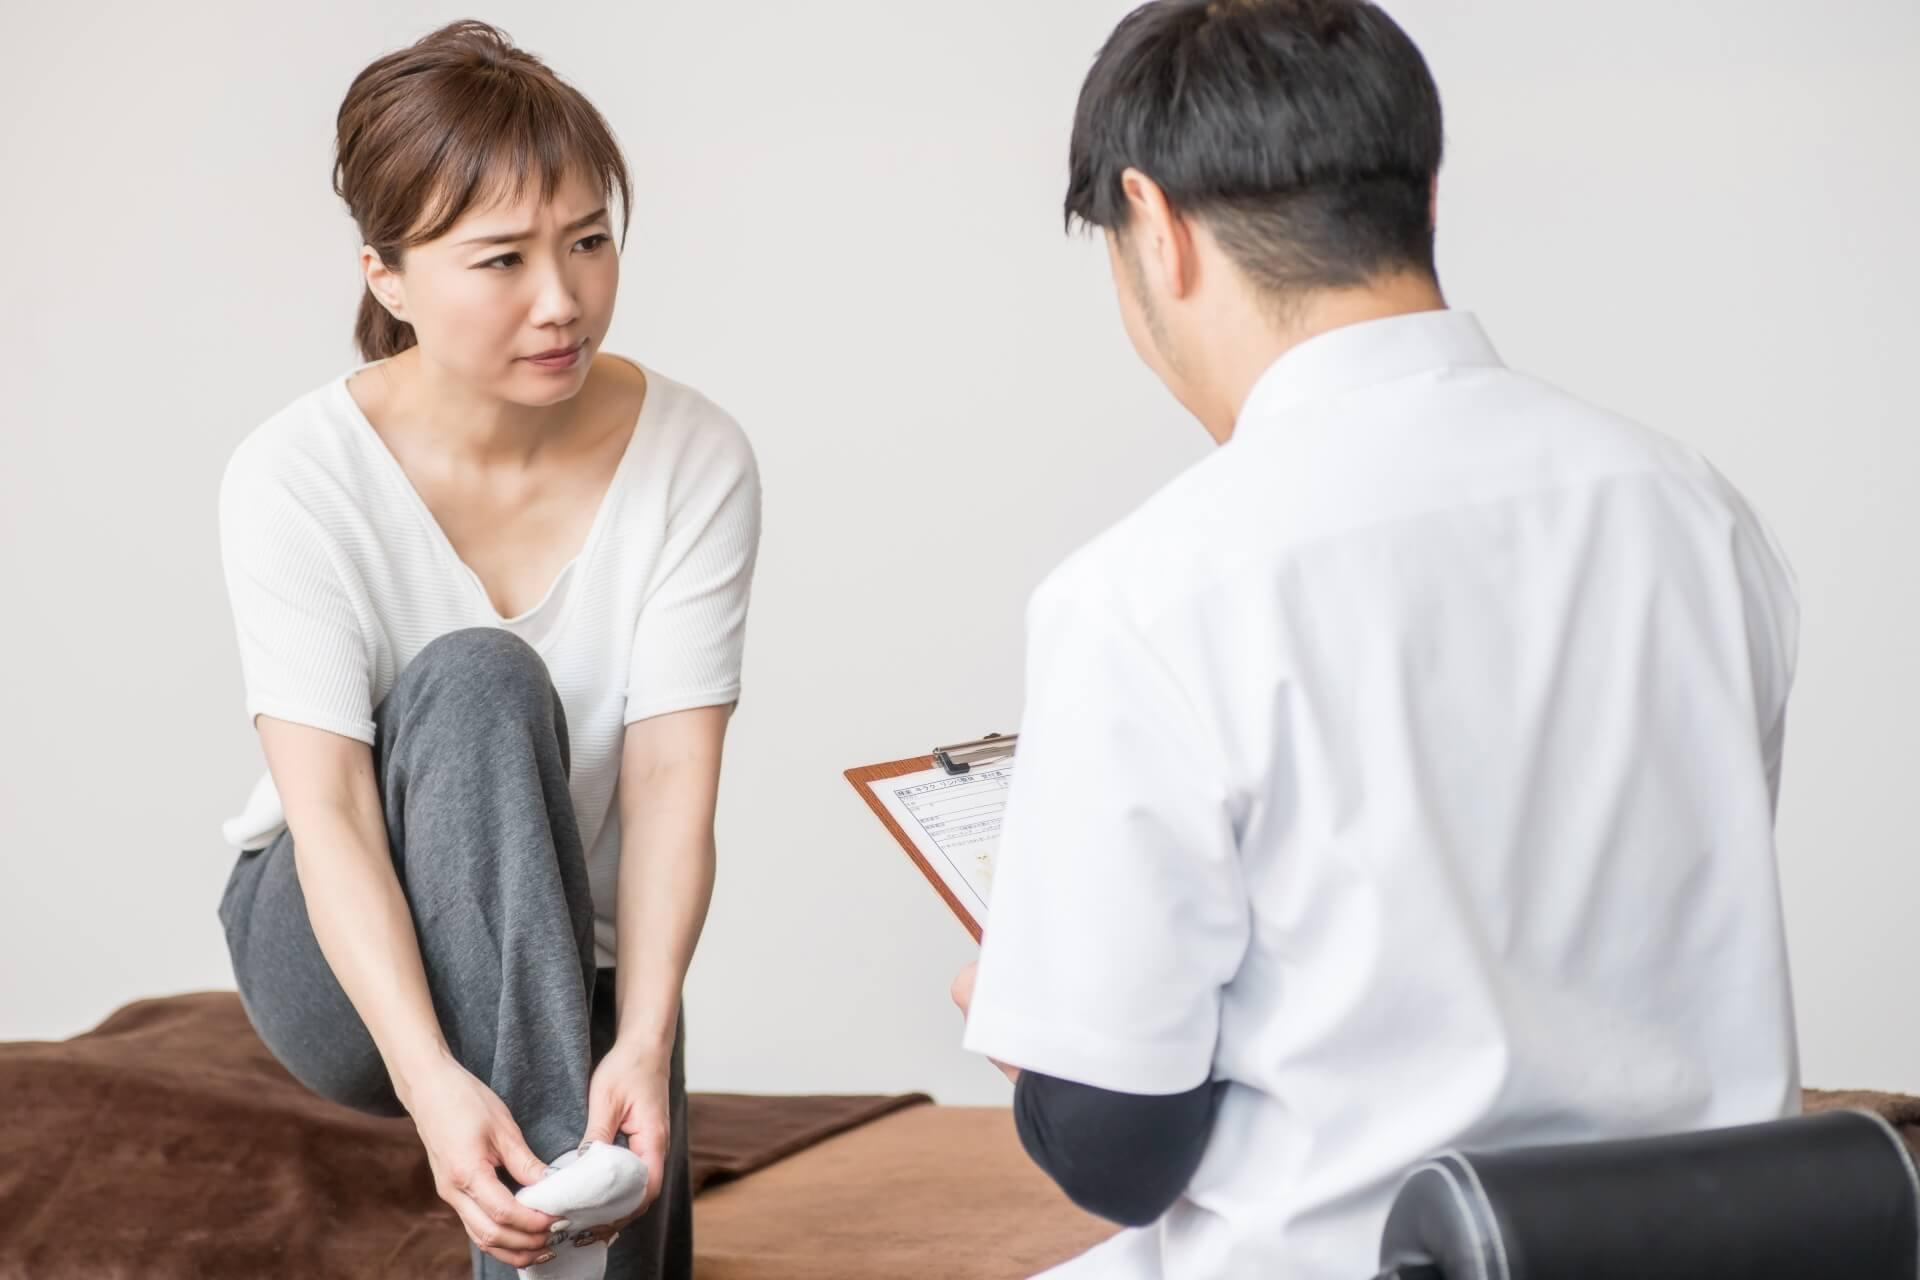 怪我をして相談している女性